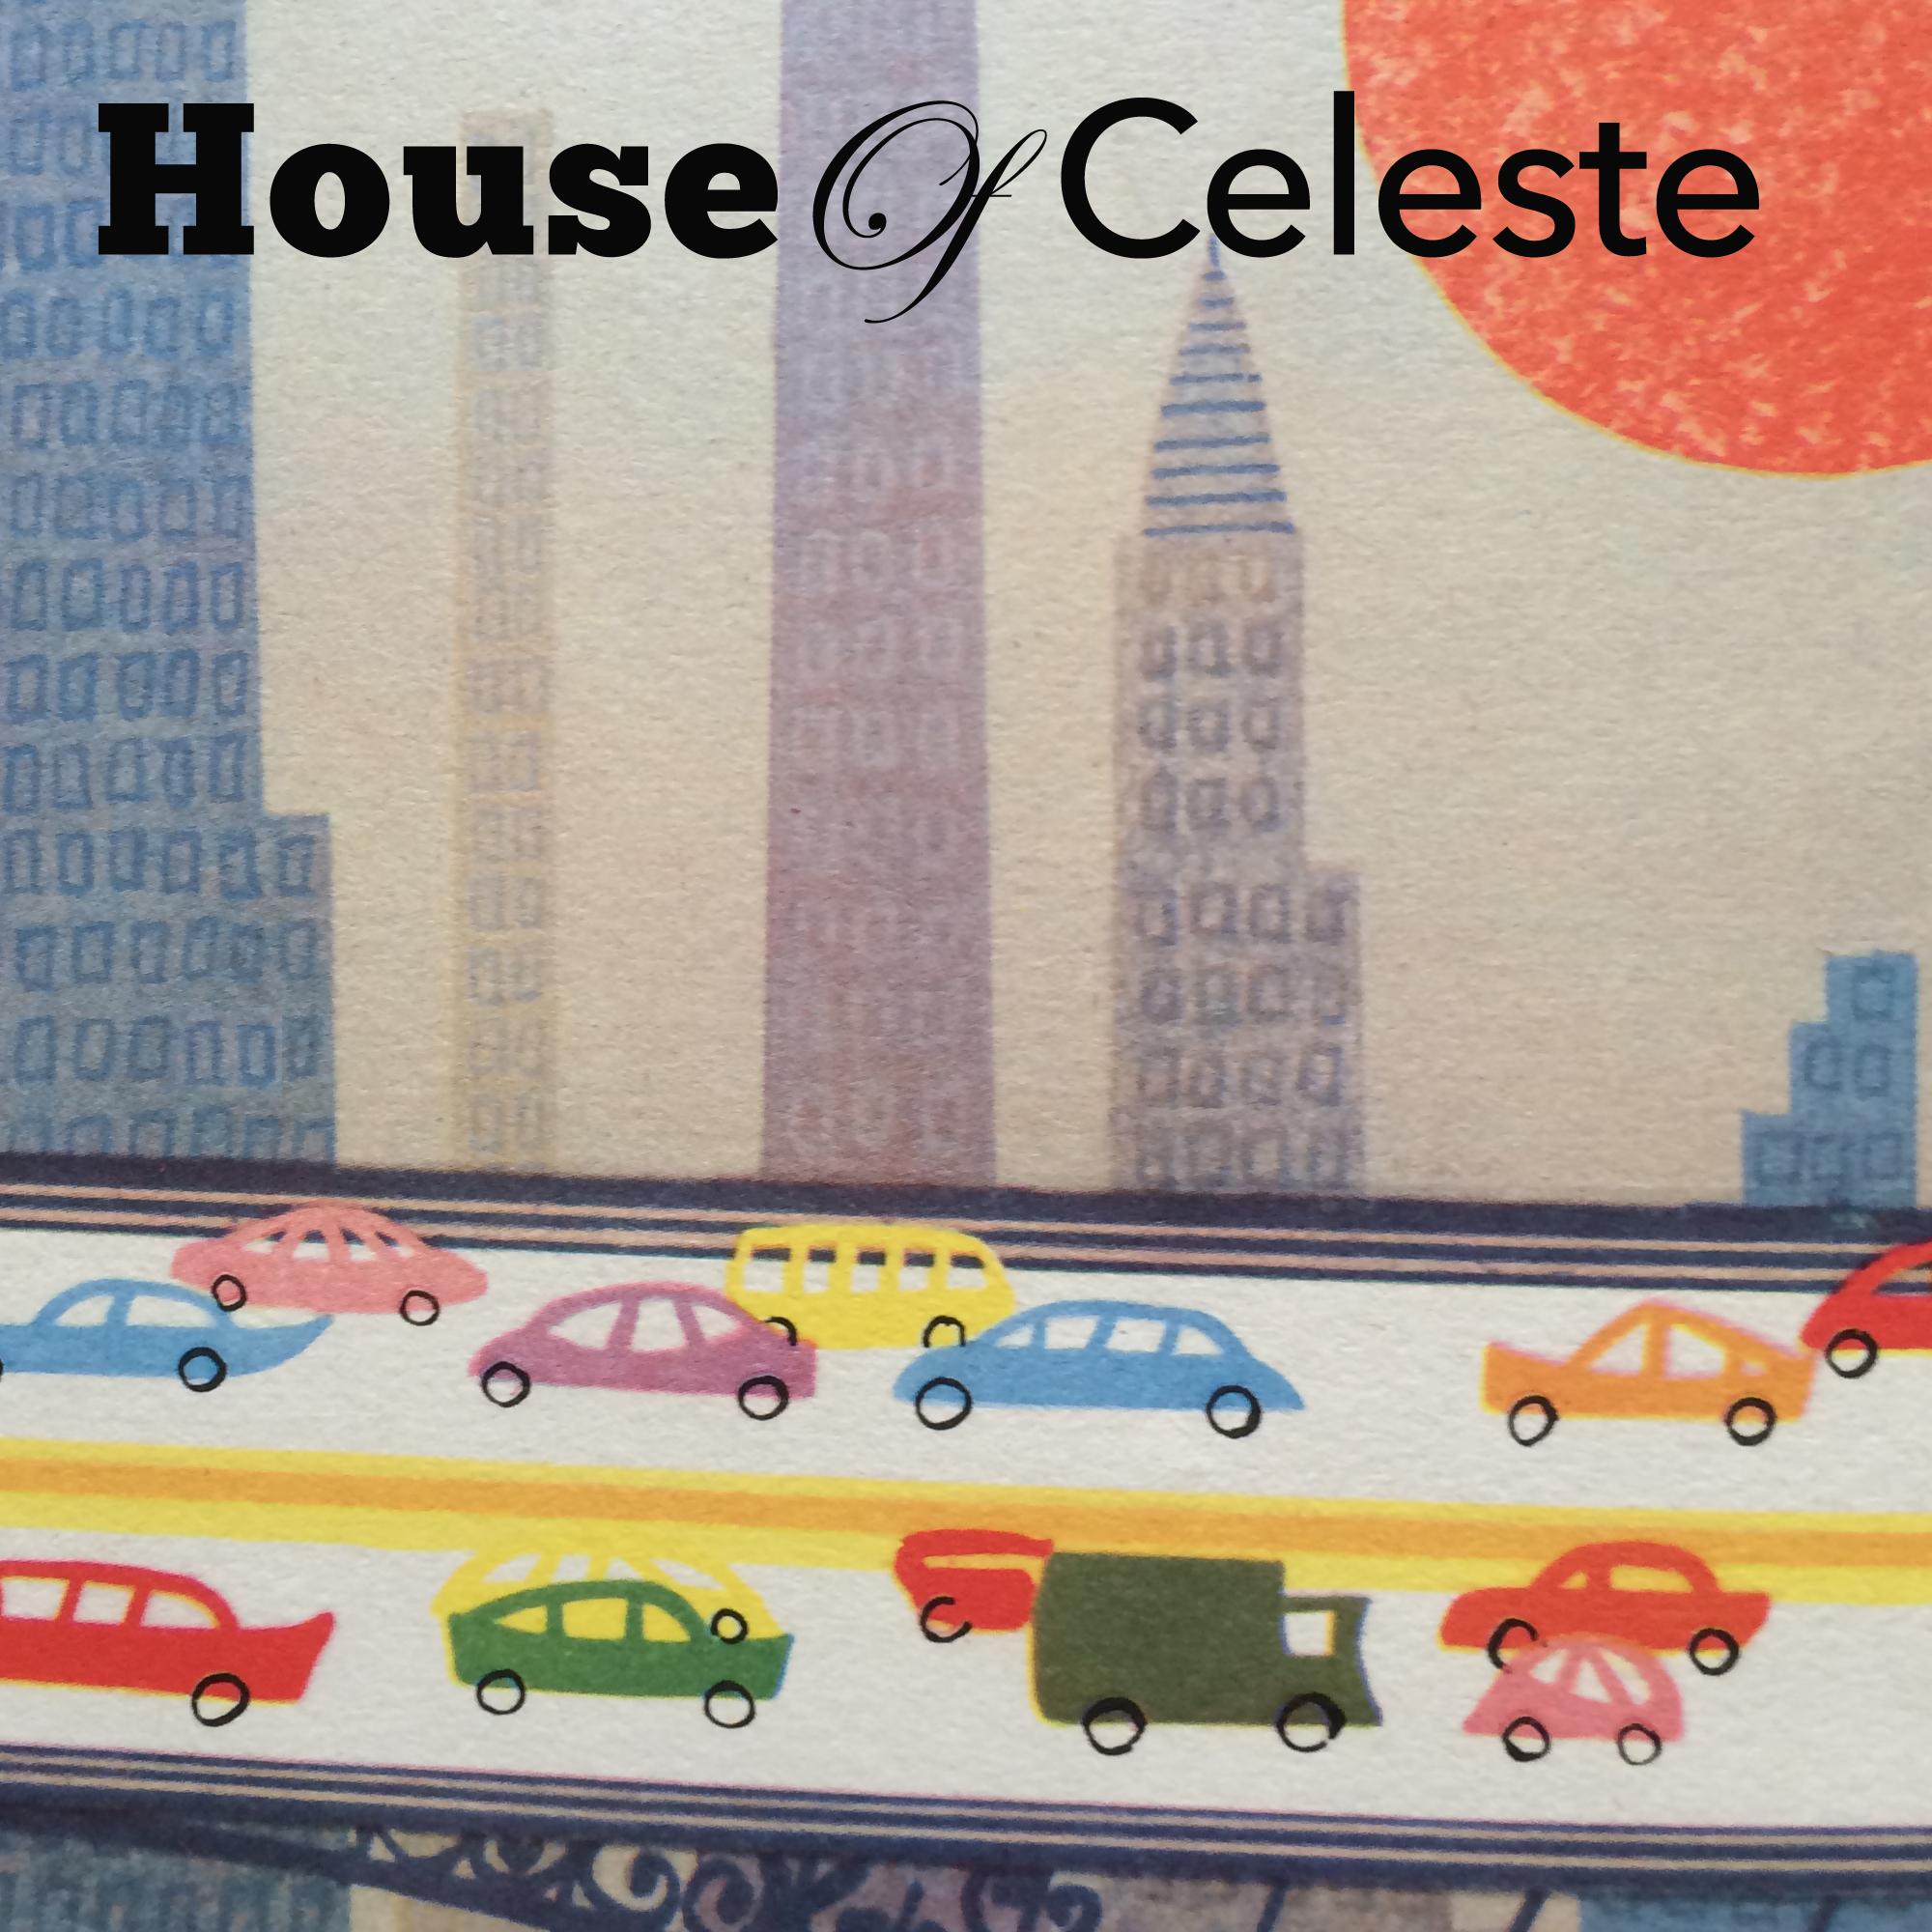 www.houseofceleste.co.uk